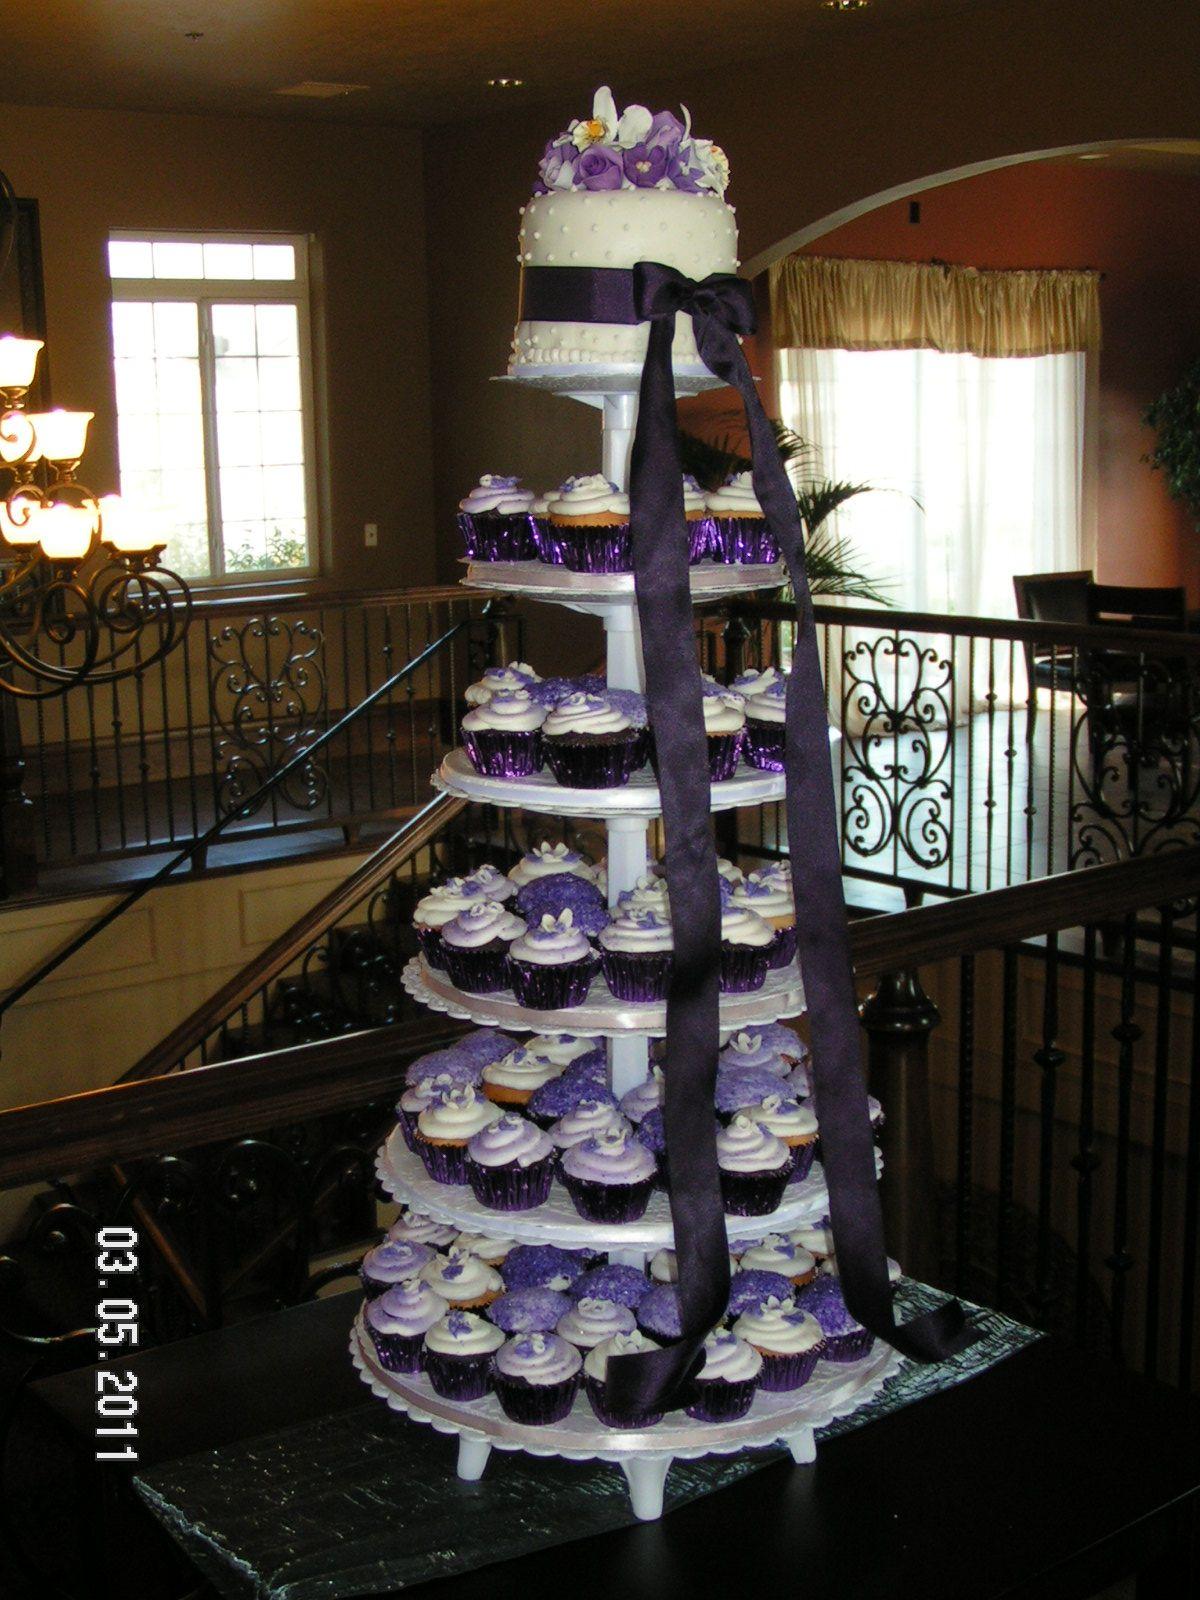 Black and white wedding decor ideas  Bridal Cakes by Yvonne  WeddingDecorating Ideas  Pinterest